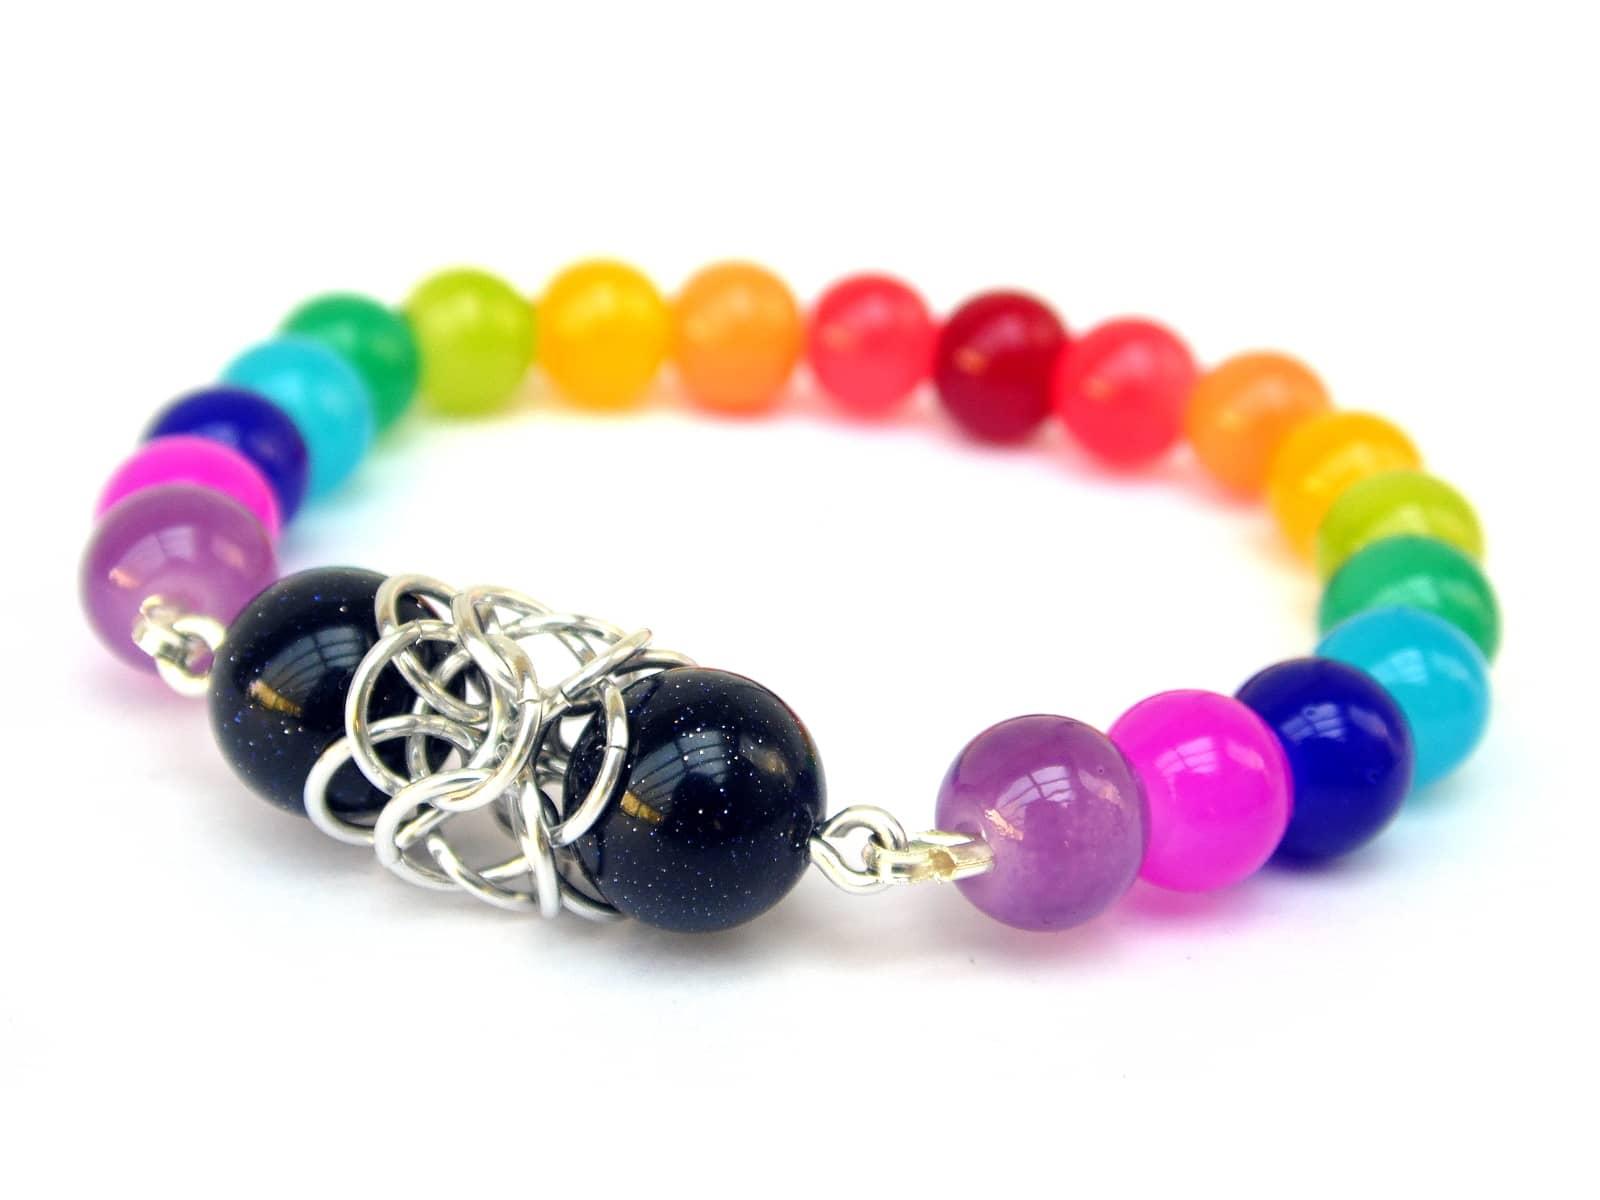 Bransoletka na gumce z kolorowych kwarców z elementem chainmaille